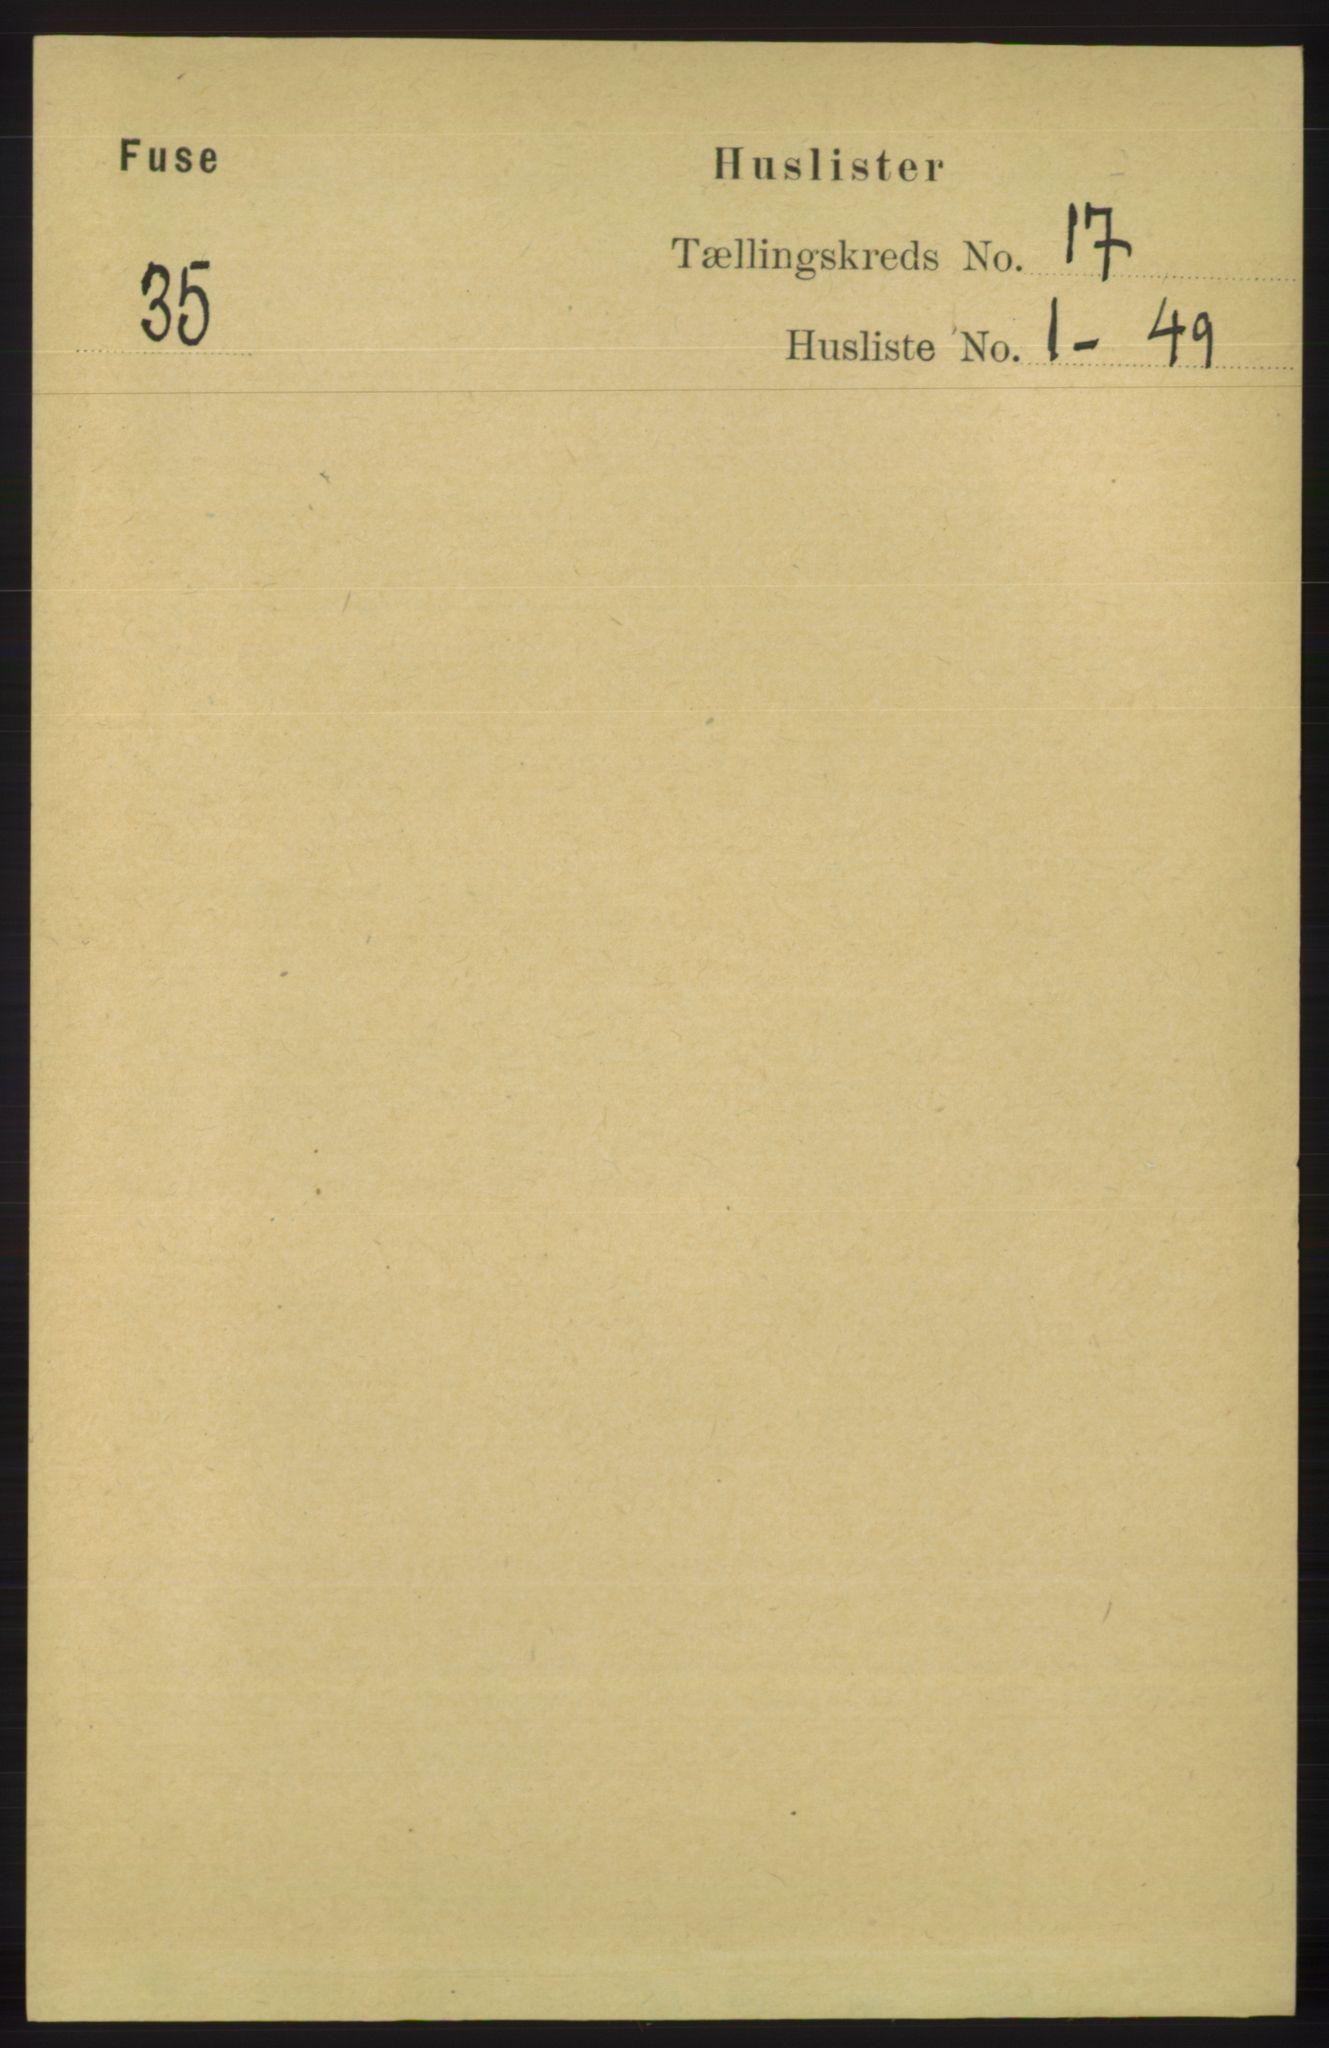 RA, Folketelling 1891 for 1241 Fusa herred, 1891, s. 3754